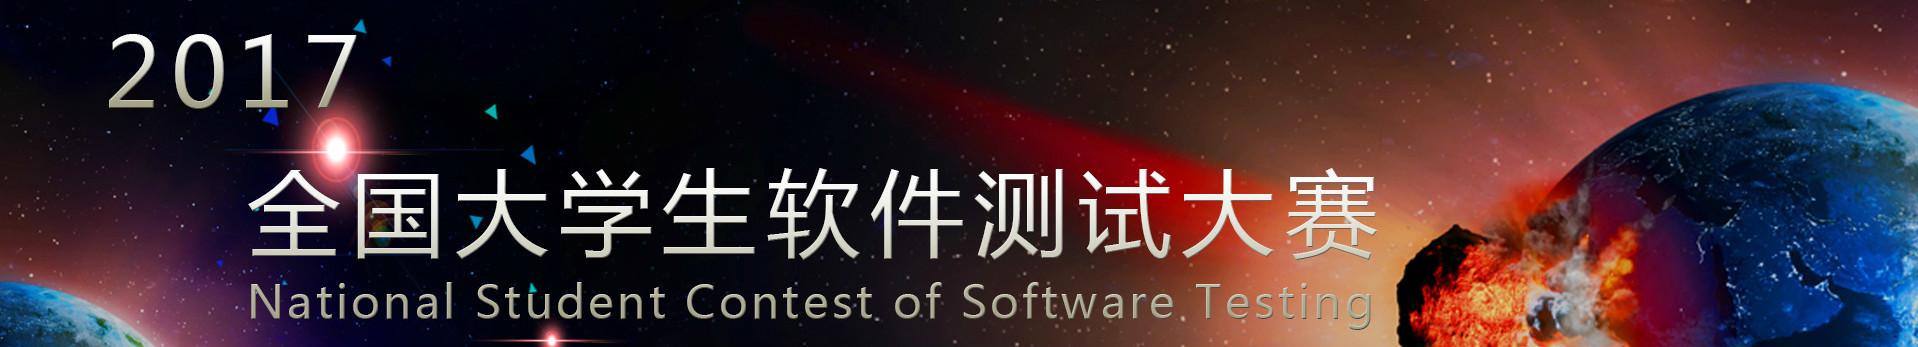 2017全国大学生软件测试大赛总决赛活动